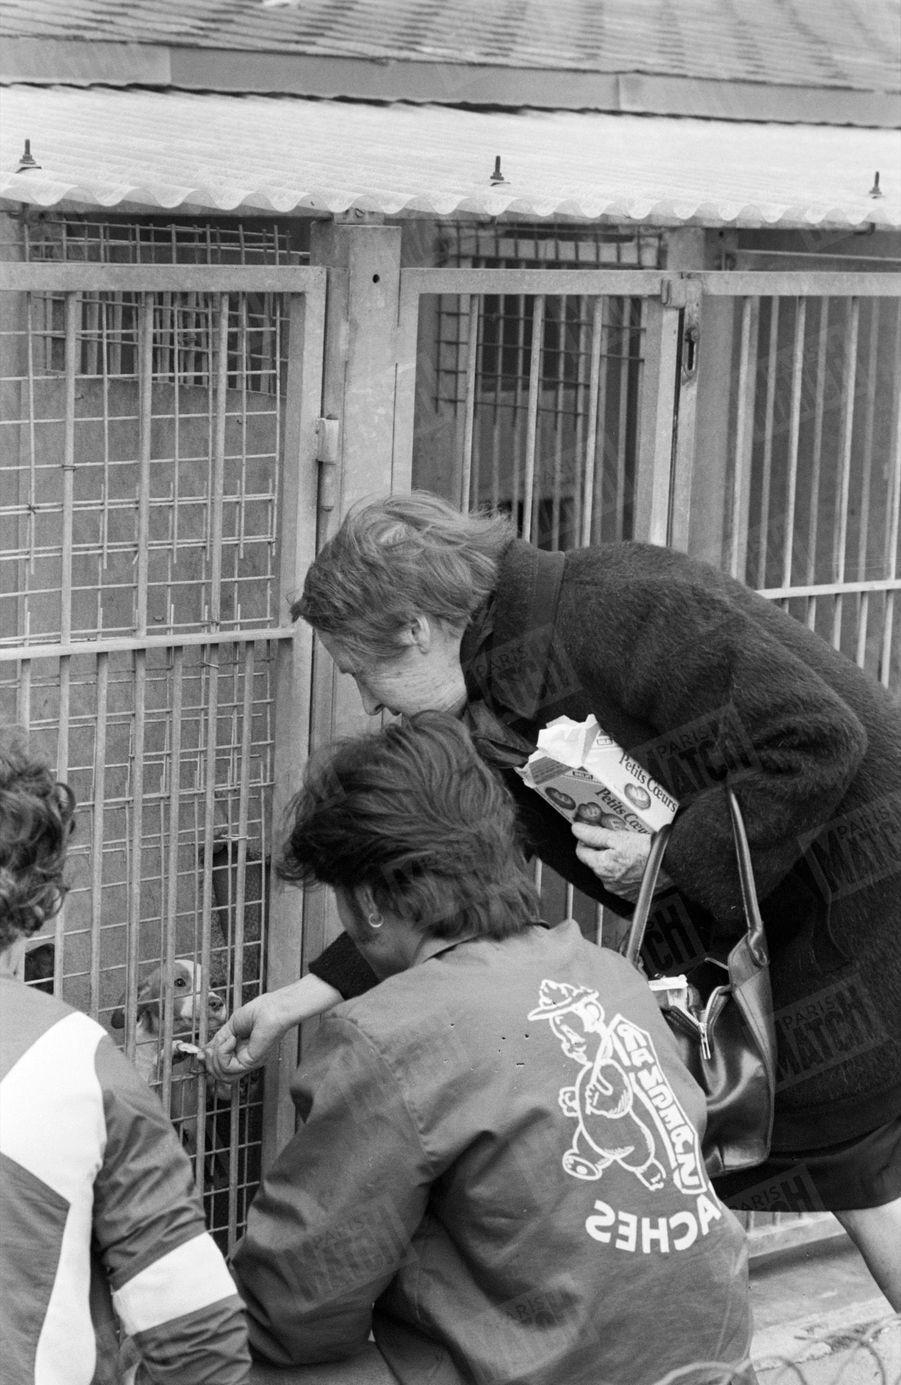 Une dame donne un gâteau à un chien, dans une cage.